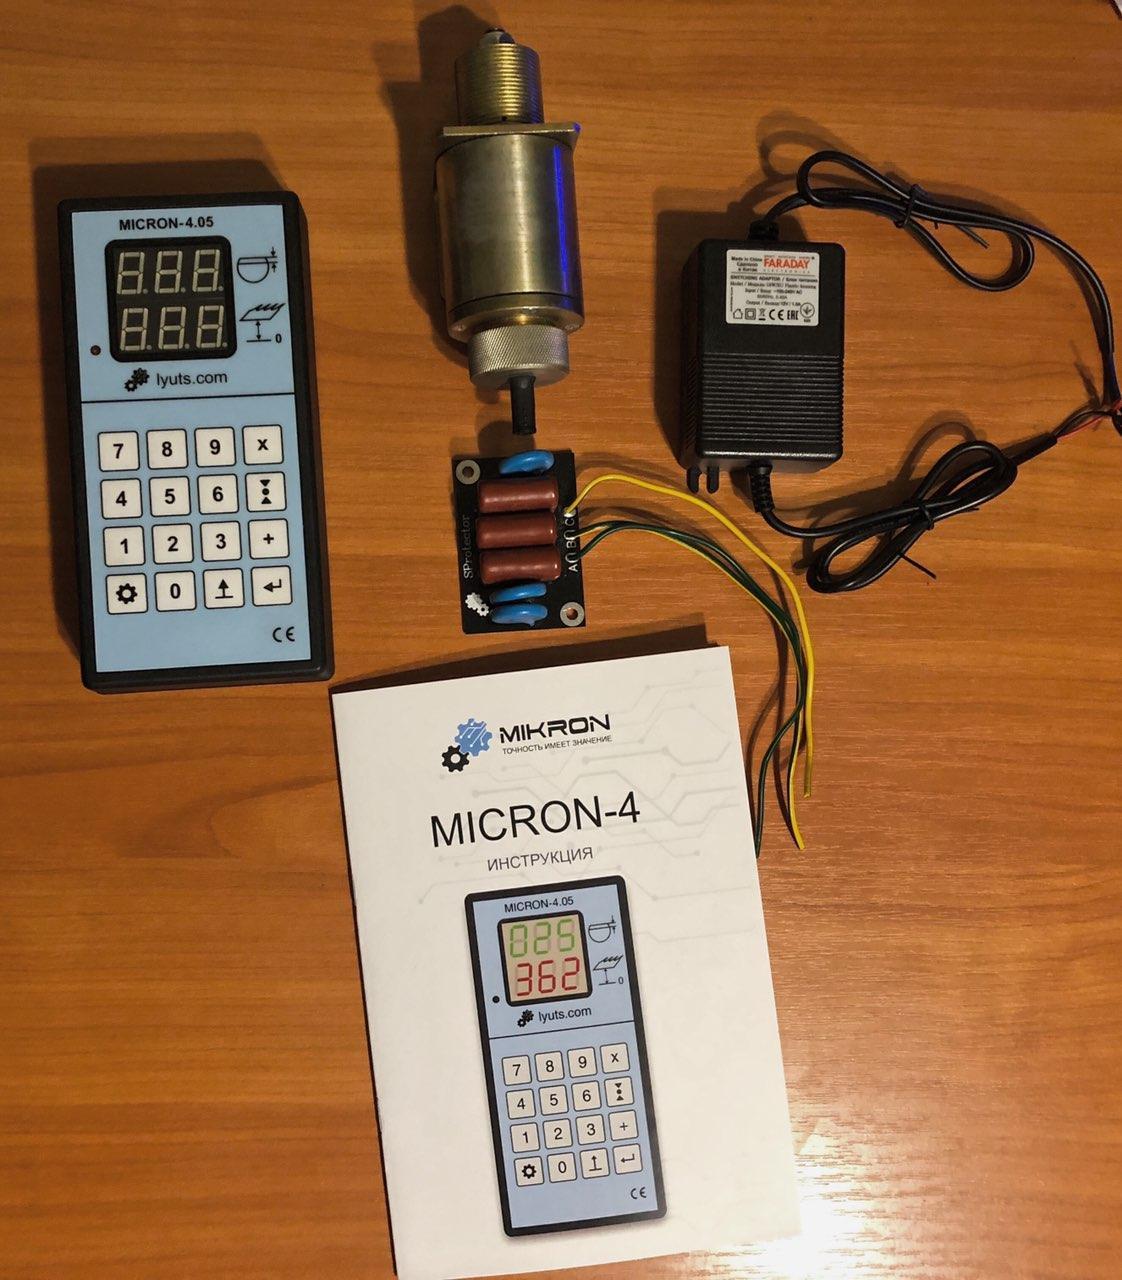 """Електронна лінійка на пилораму """"Micron-4.05"""" + CL-80 датчик"""